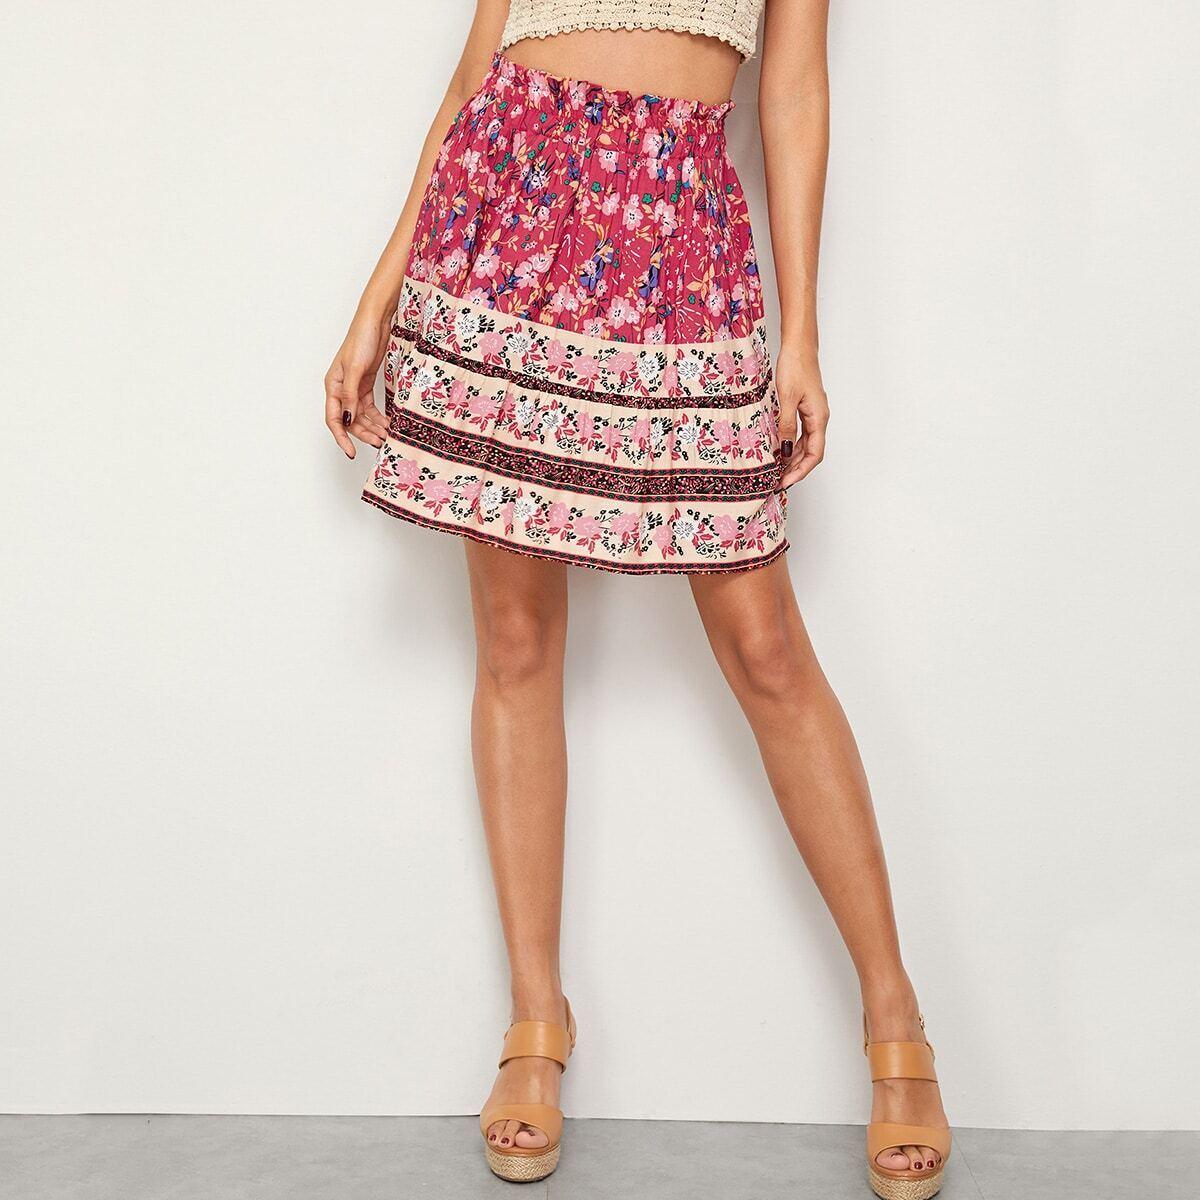 SHEIN / Falda de cintura con volante con estampado floral